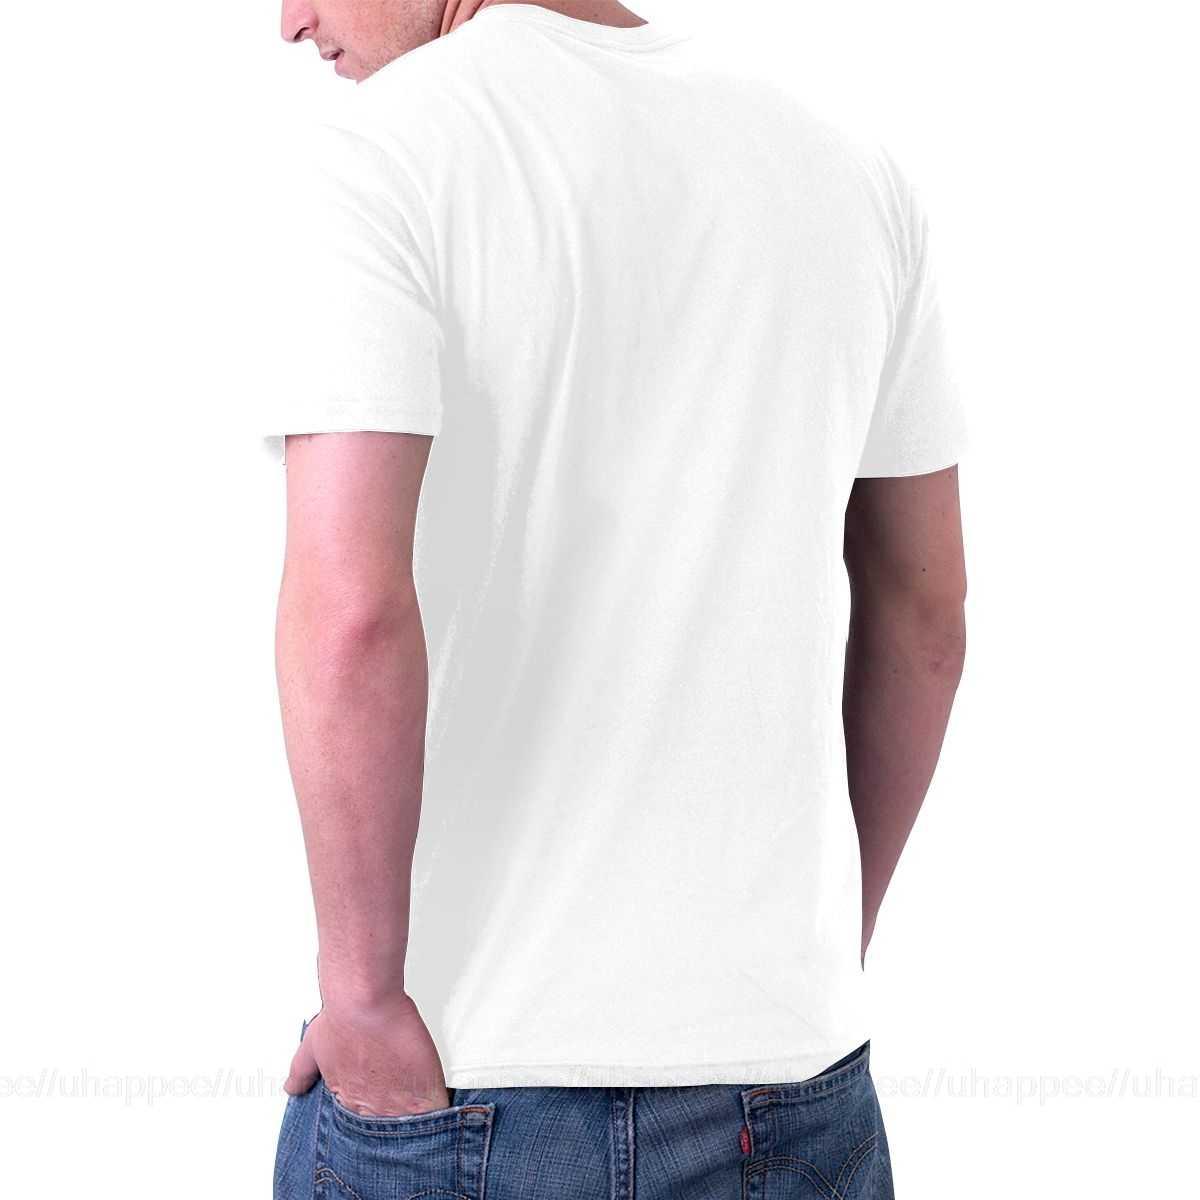 Camiseta de ciencia, Biología Química Física, camisetas con estampado 3D de chico joven para hombre, ropa oficial de manga corta a la venta